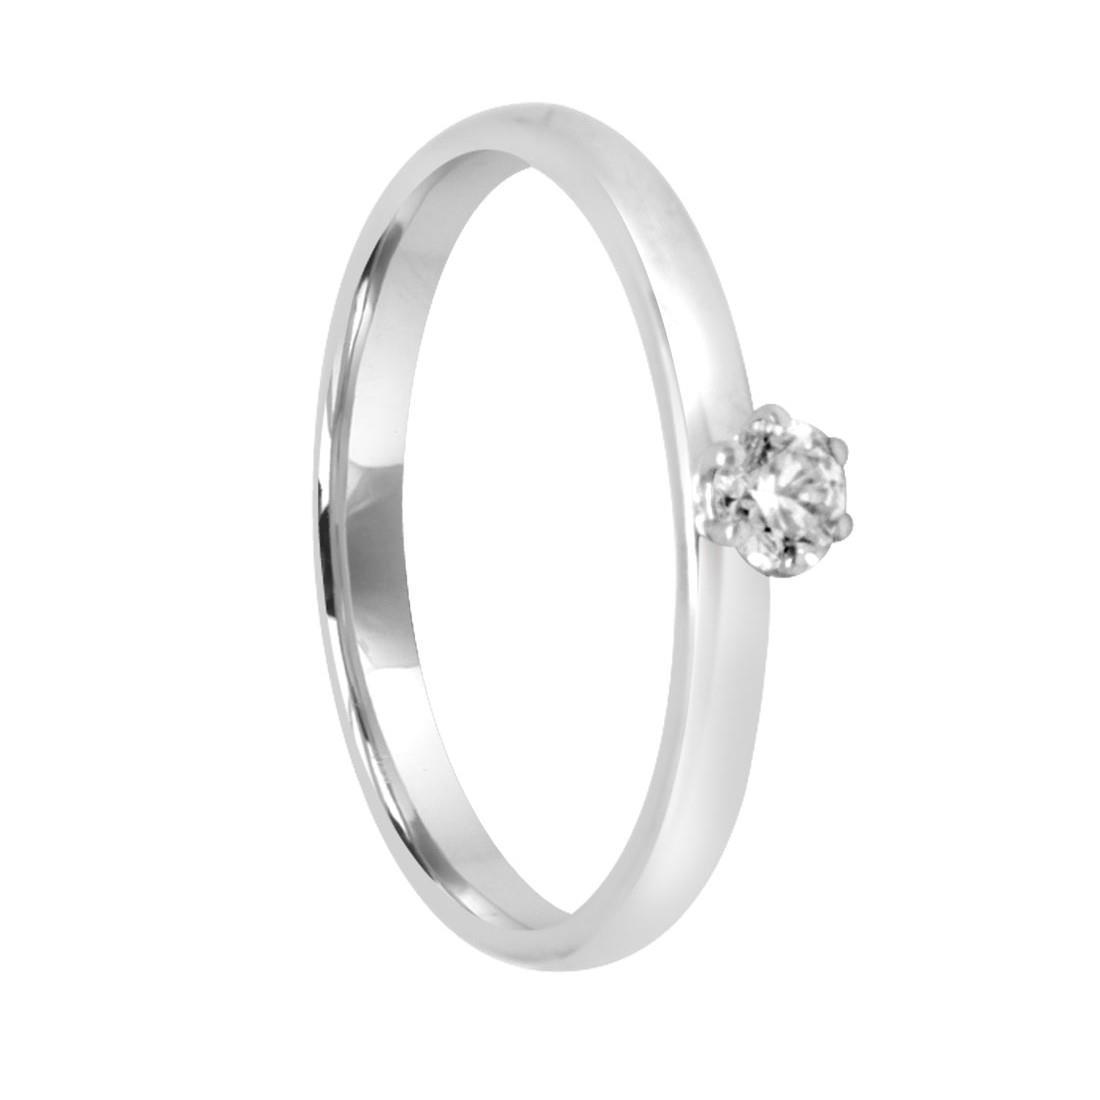 Anello in oro bianco con diamante ct 0.158, misura 15 - DAMIANI